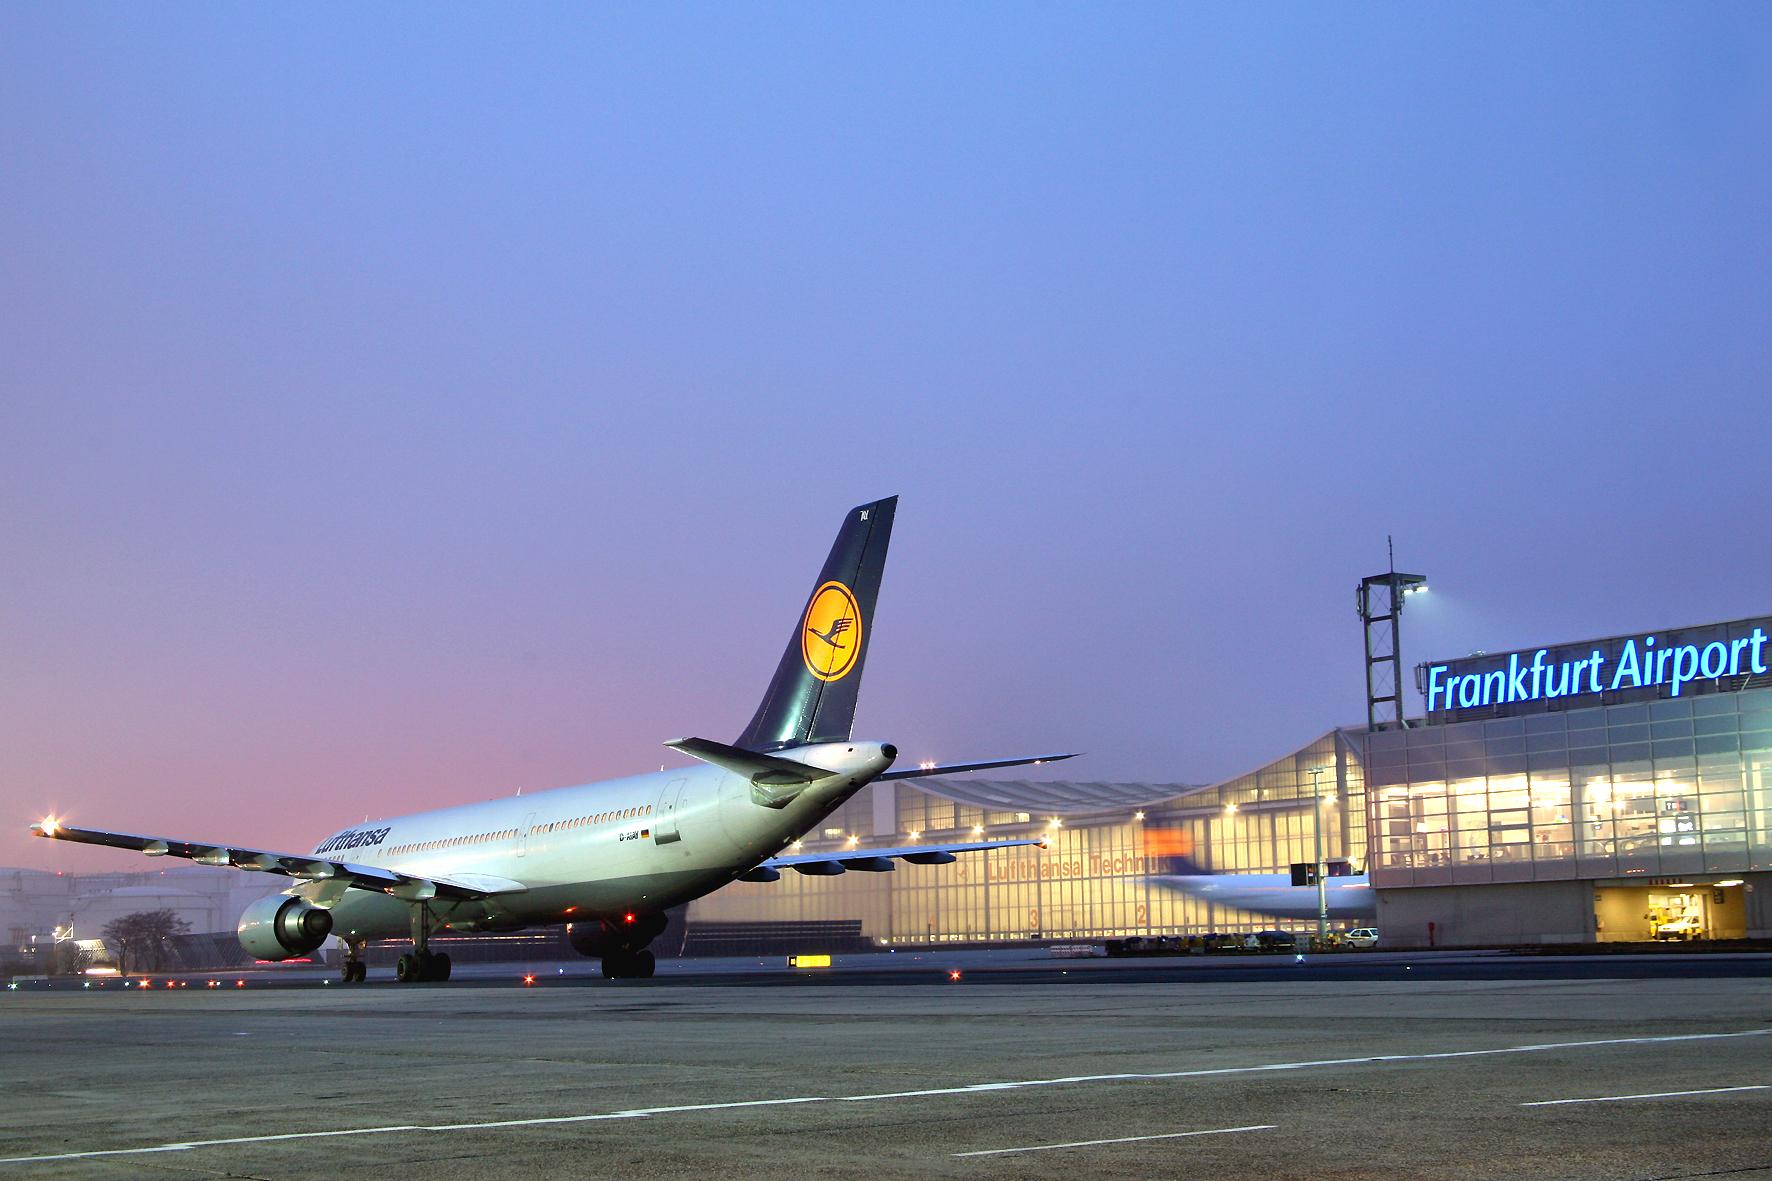 mid Groß-Gerau - Fliegen ist für viele Passagiere schlicht alternativlos, und das aus unterschiedlichen Gründen. Fraport AG